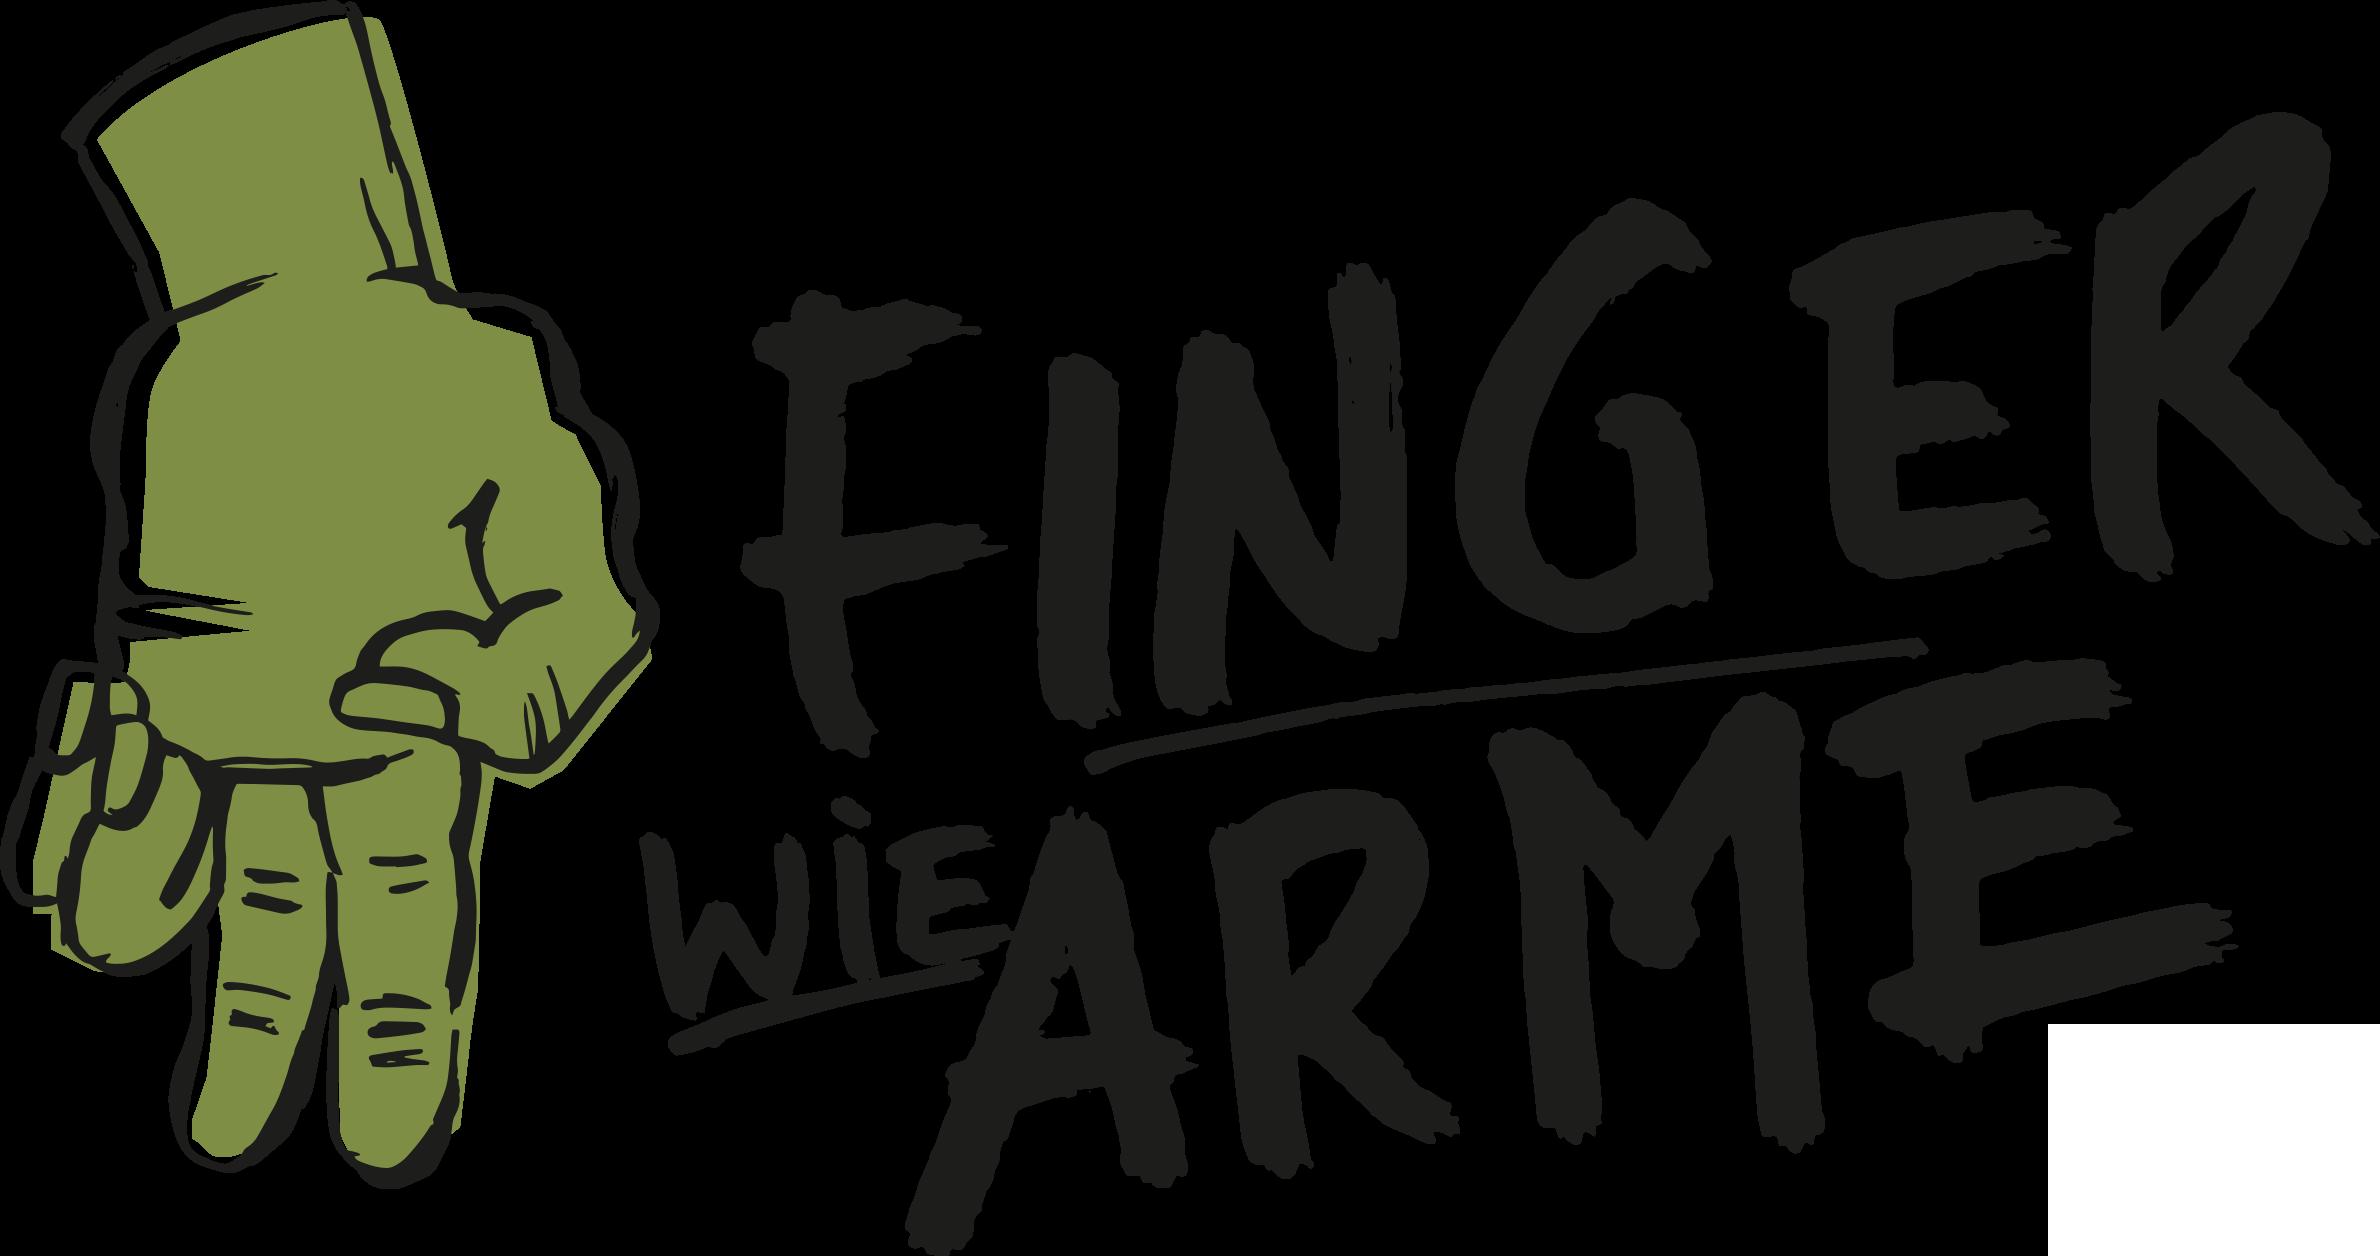 finger_wie_arme